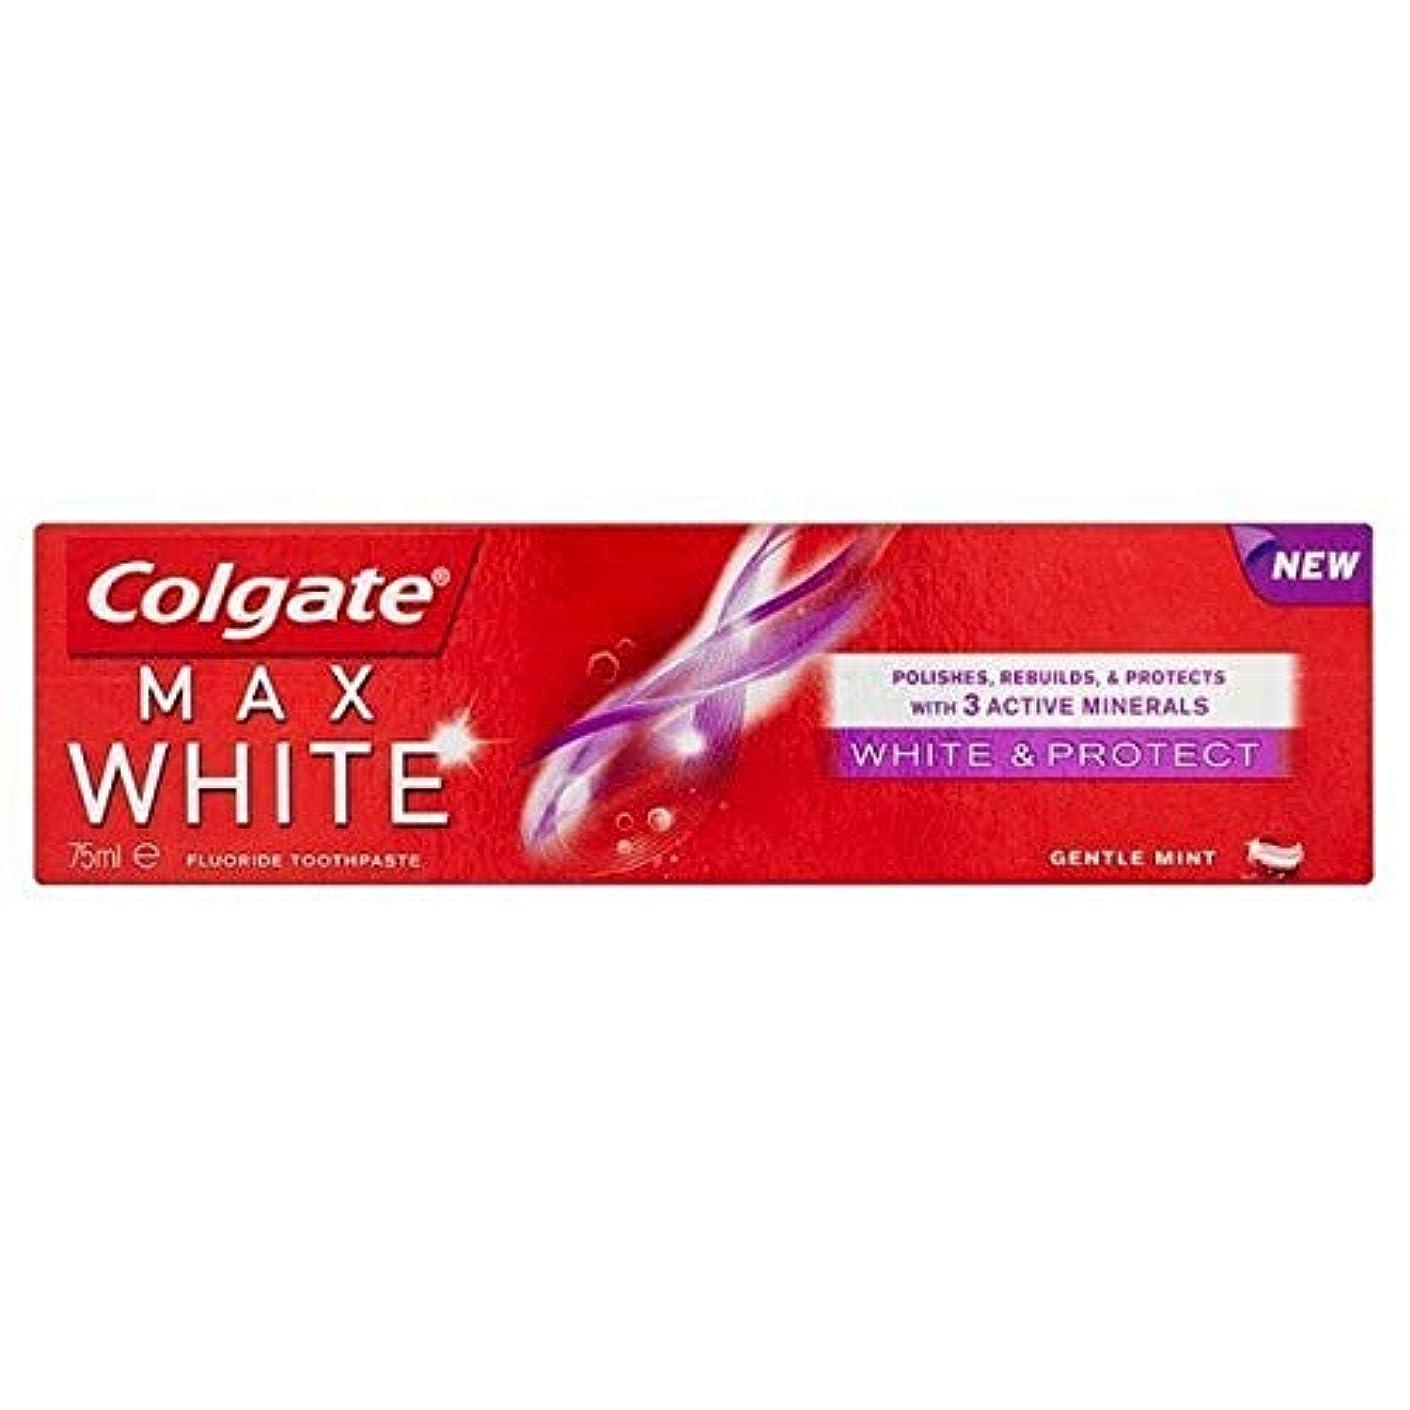 挑むバリーあいまい[Colgate ] コルゲートマックスホワイトホワイトニング&歯磨き粉75ミリリットルを保護 - Colgate Max White Whitening & Protect Toothpaste 75ml [並行輸入品]